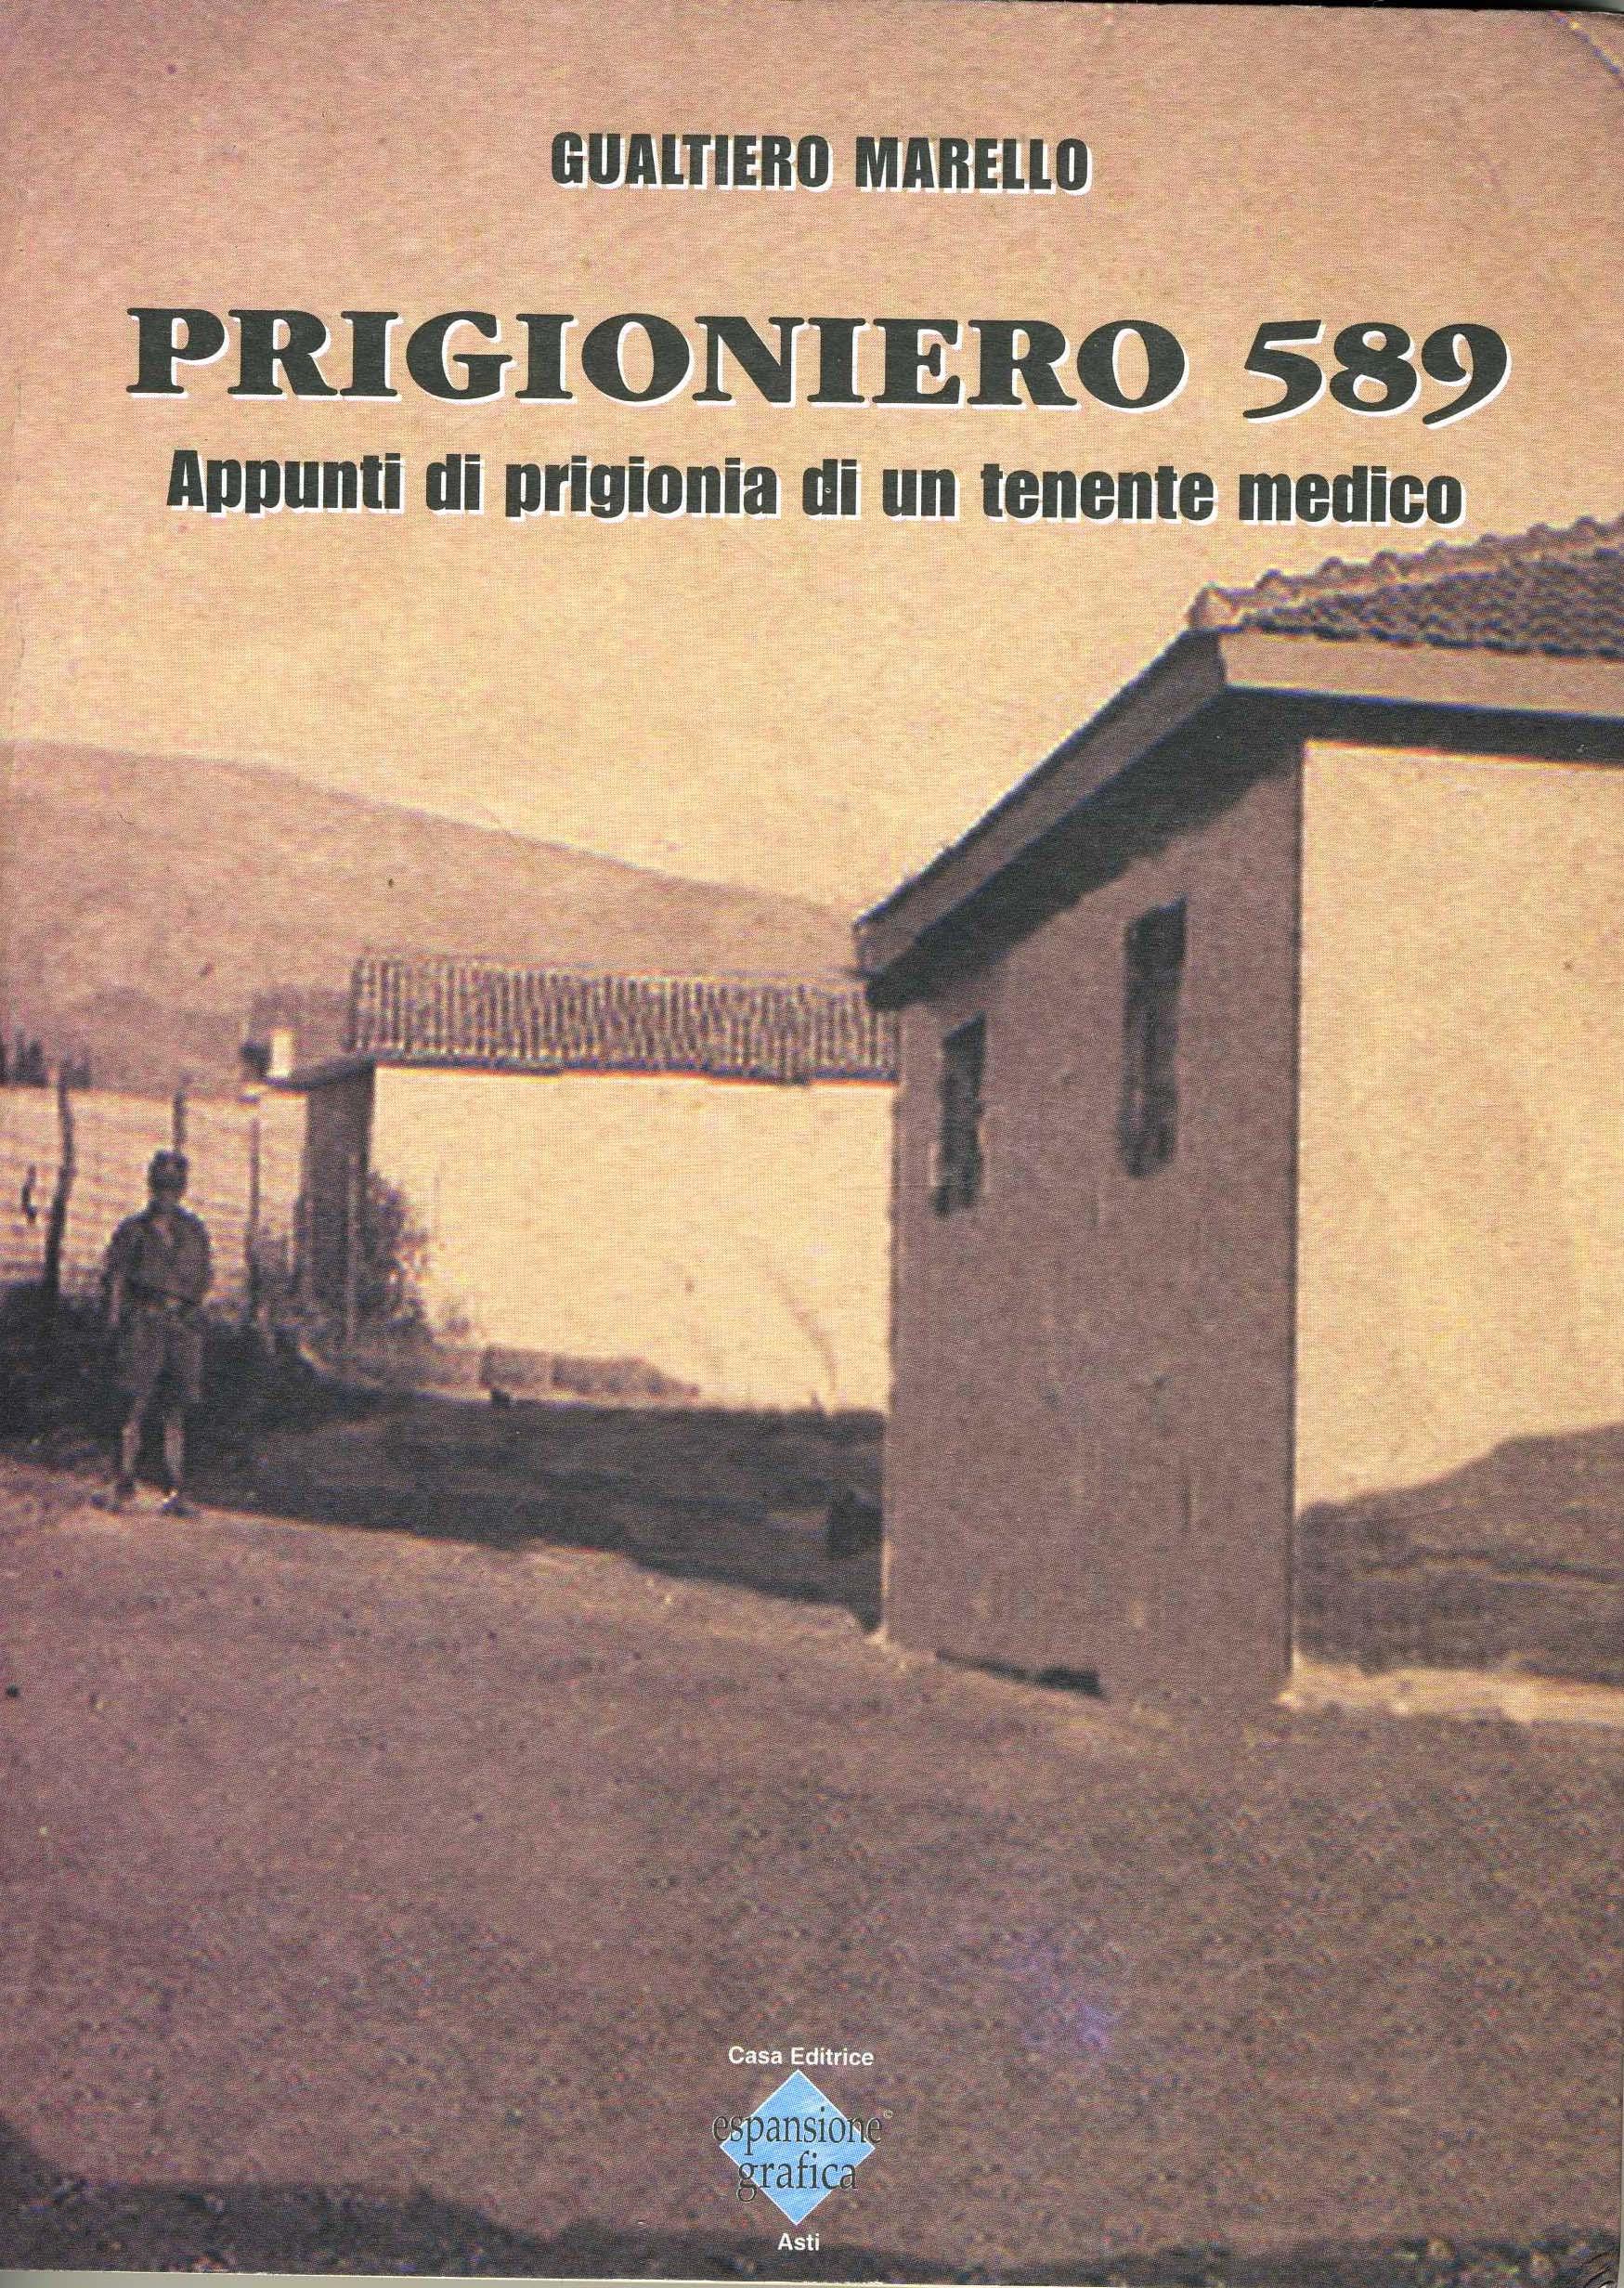 Prigioniero 589